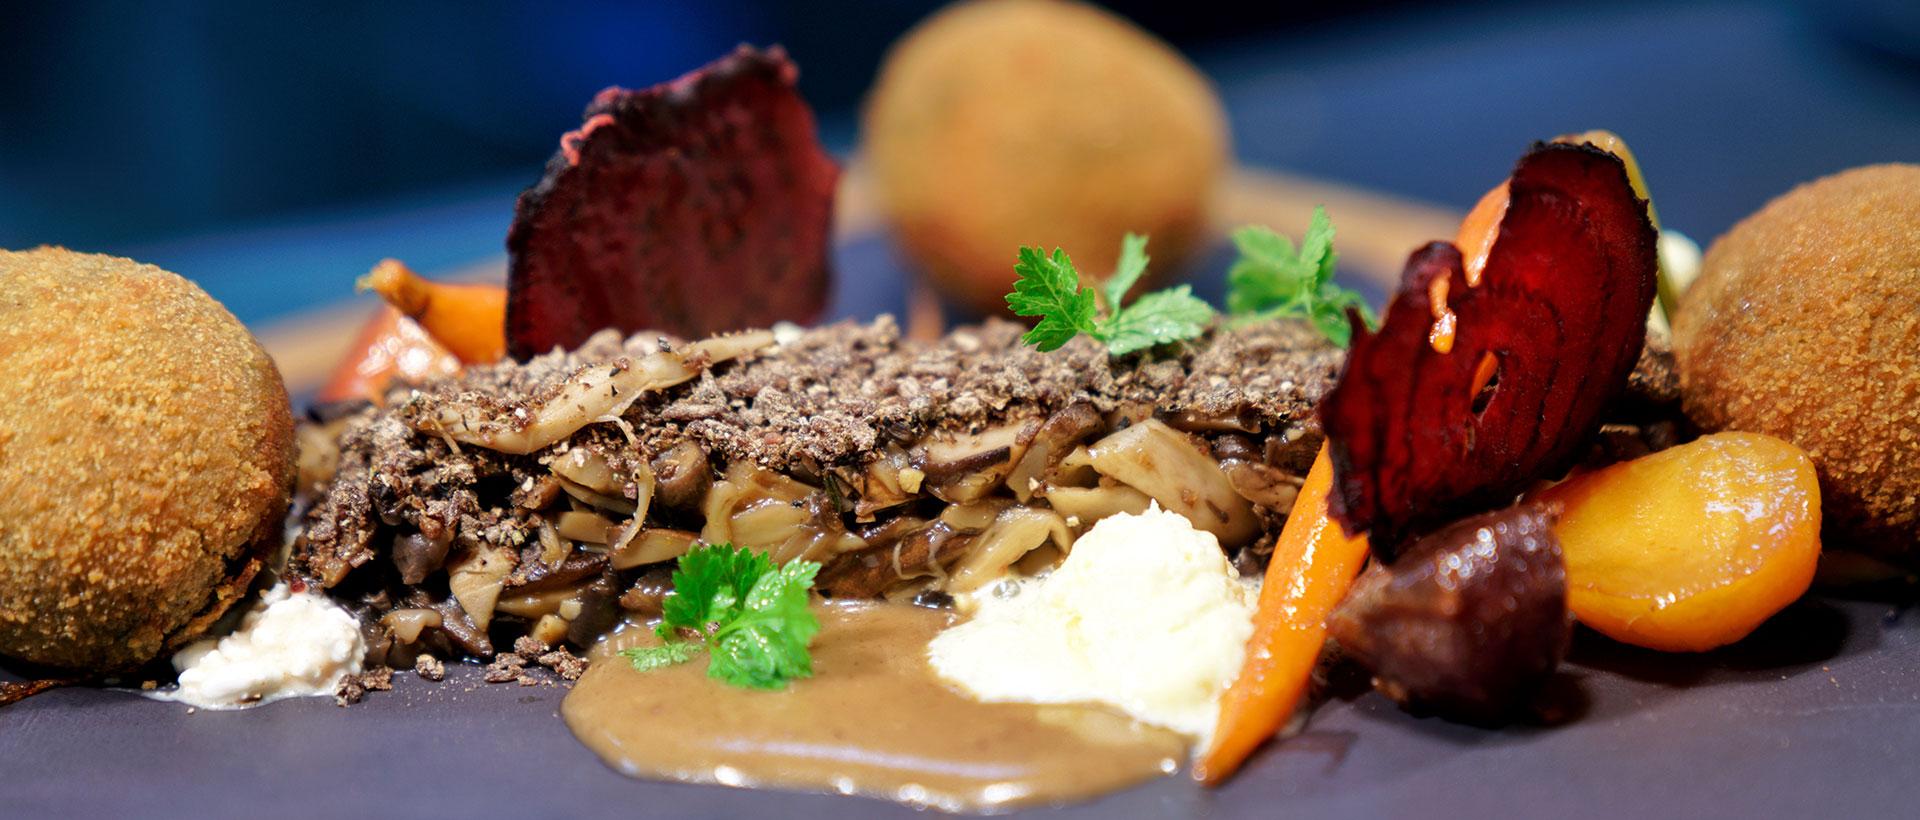 Vegetarisches Gericht im Restaurant Bückingsgarten in Marburg